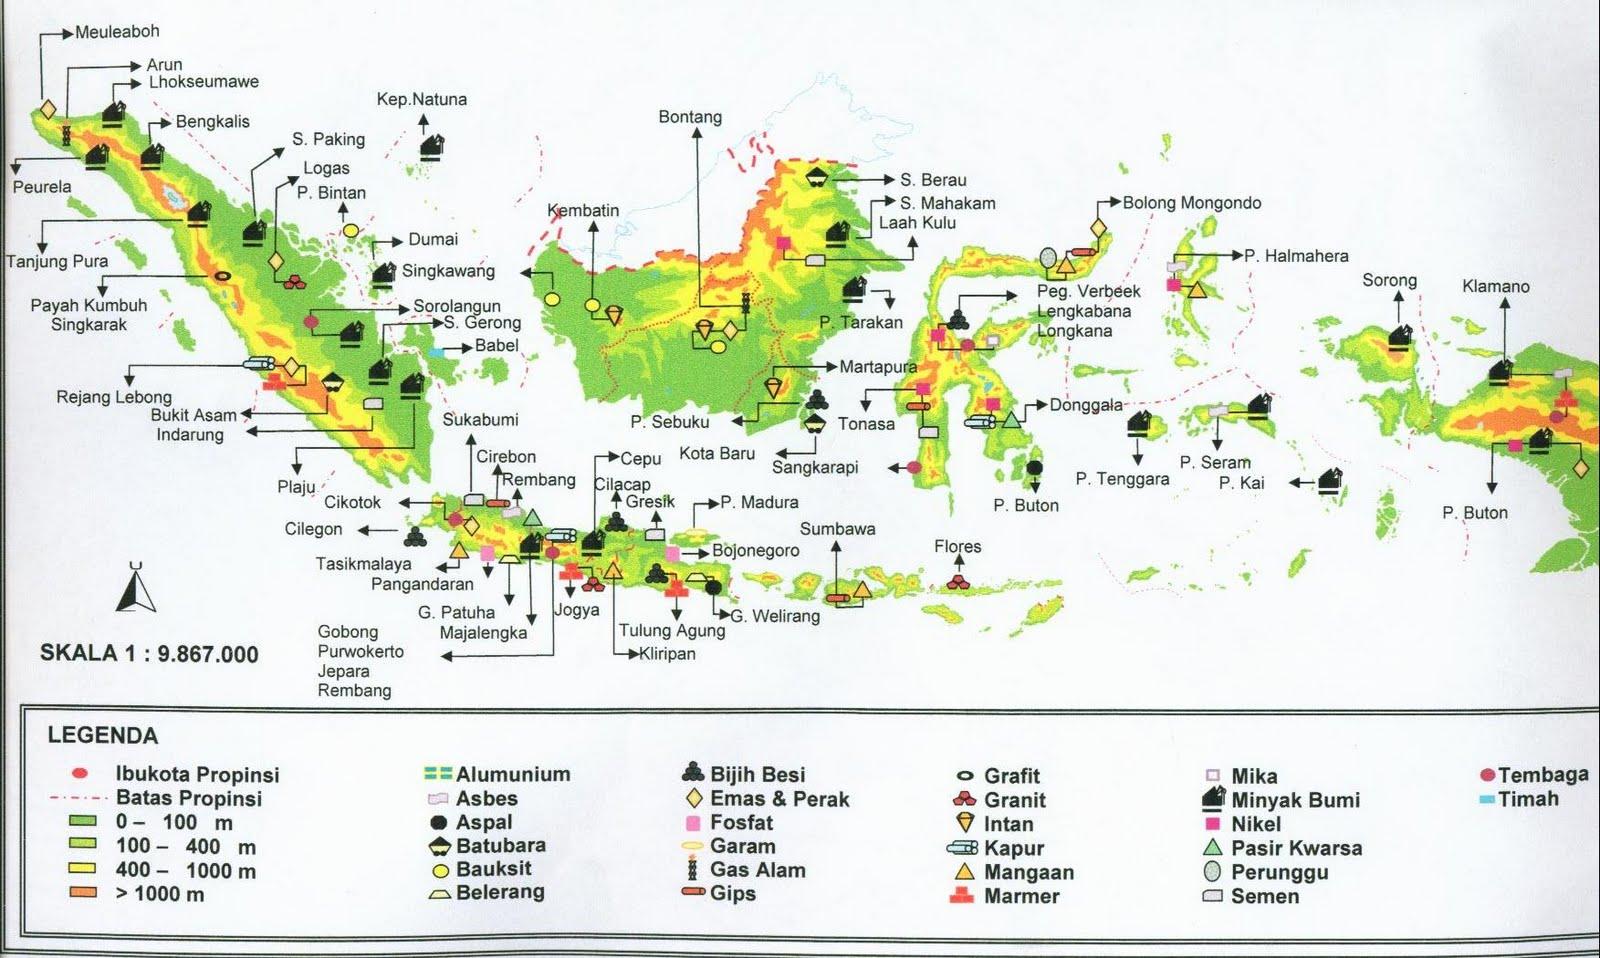 peta hasil tambang di indonesia